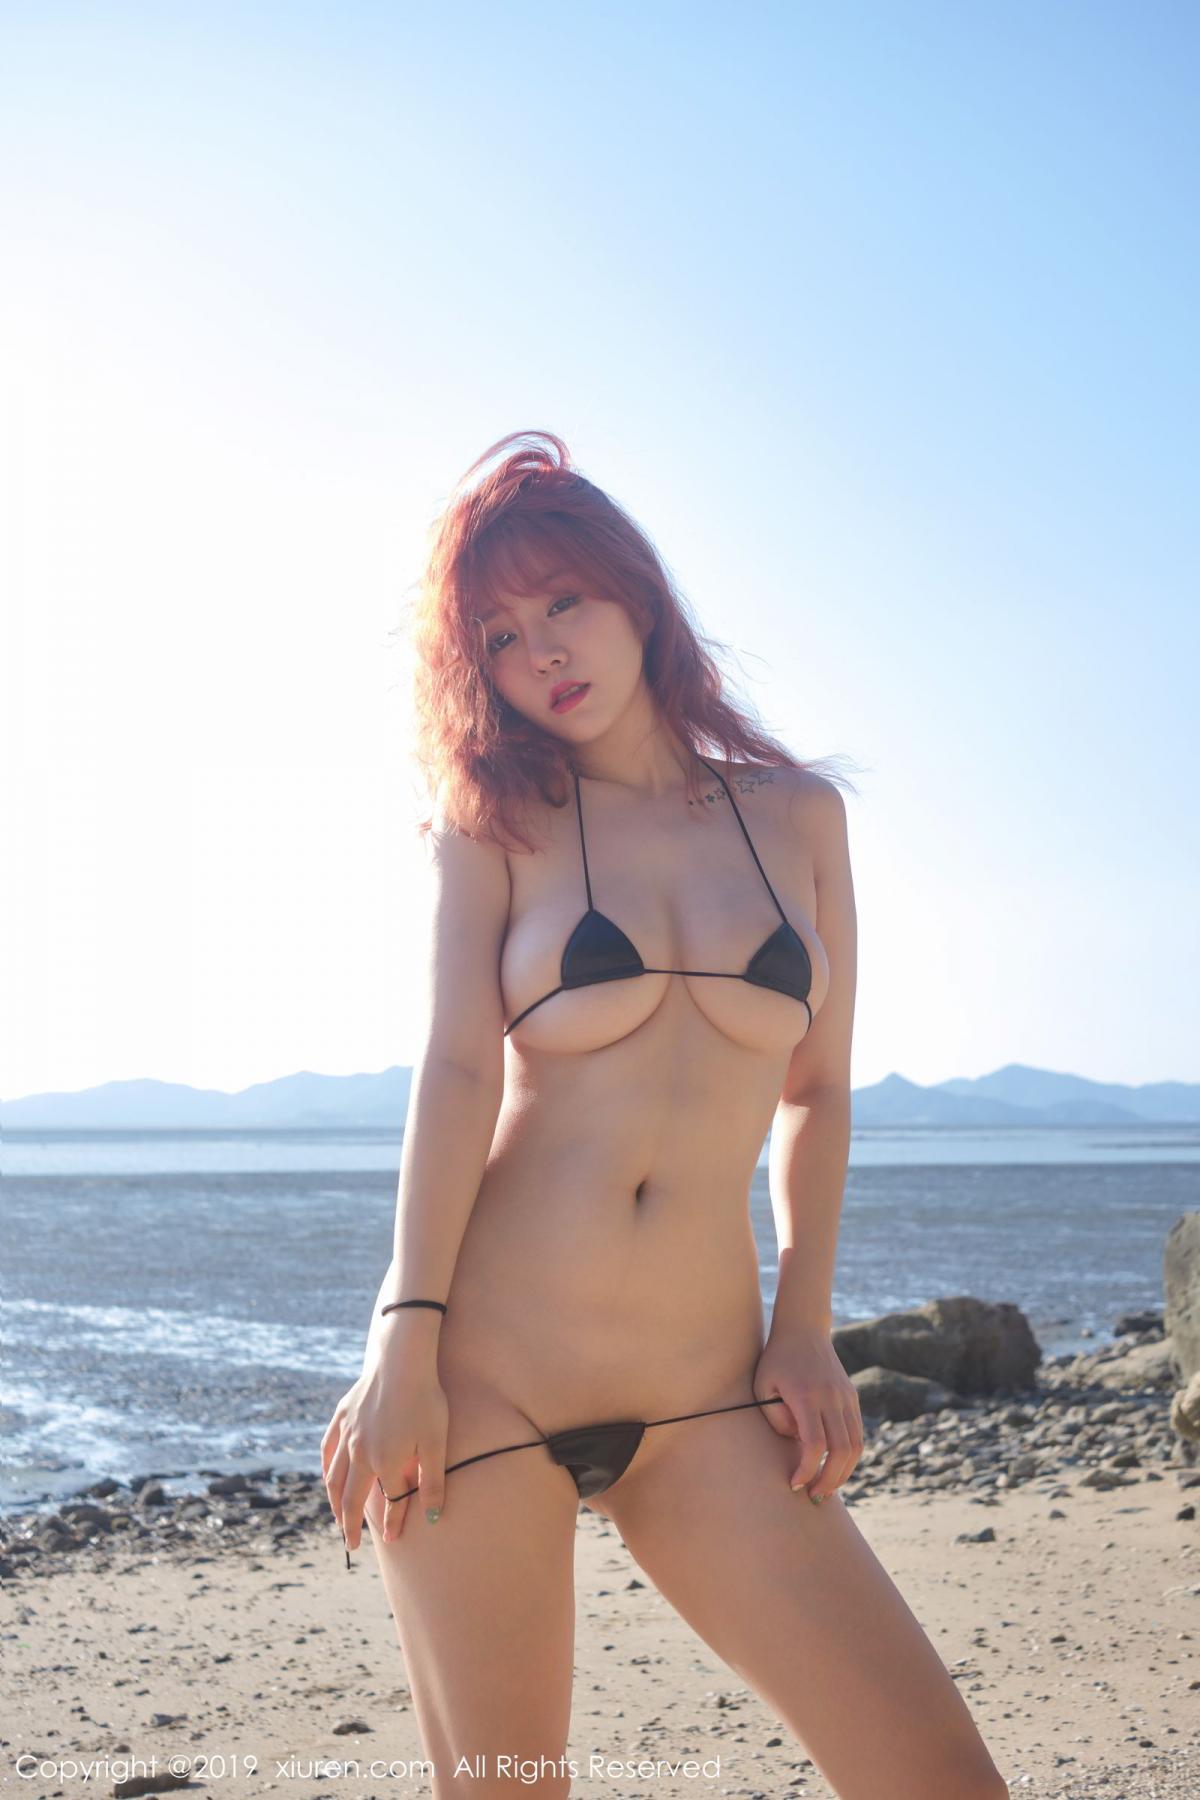 [XiuRen] Vol.1681 Wang Yu Chun 50P, Beach, Bikini, Wang Yu Chun, Xiuren